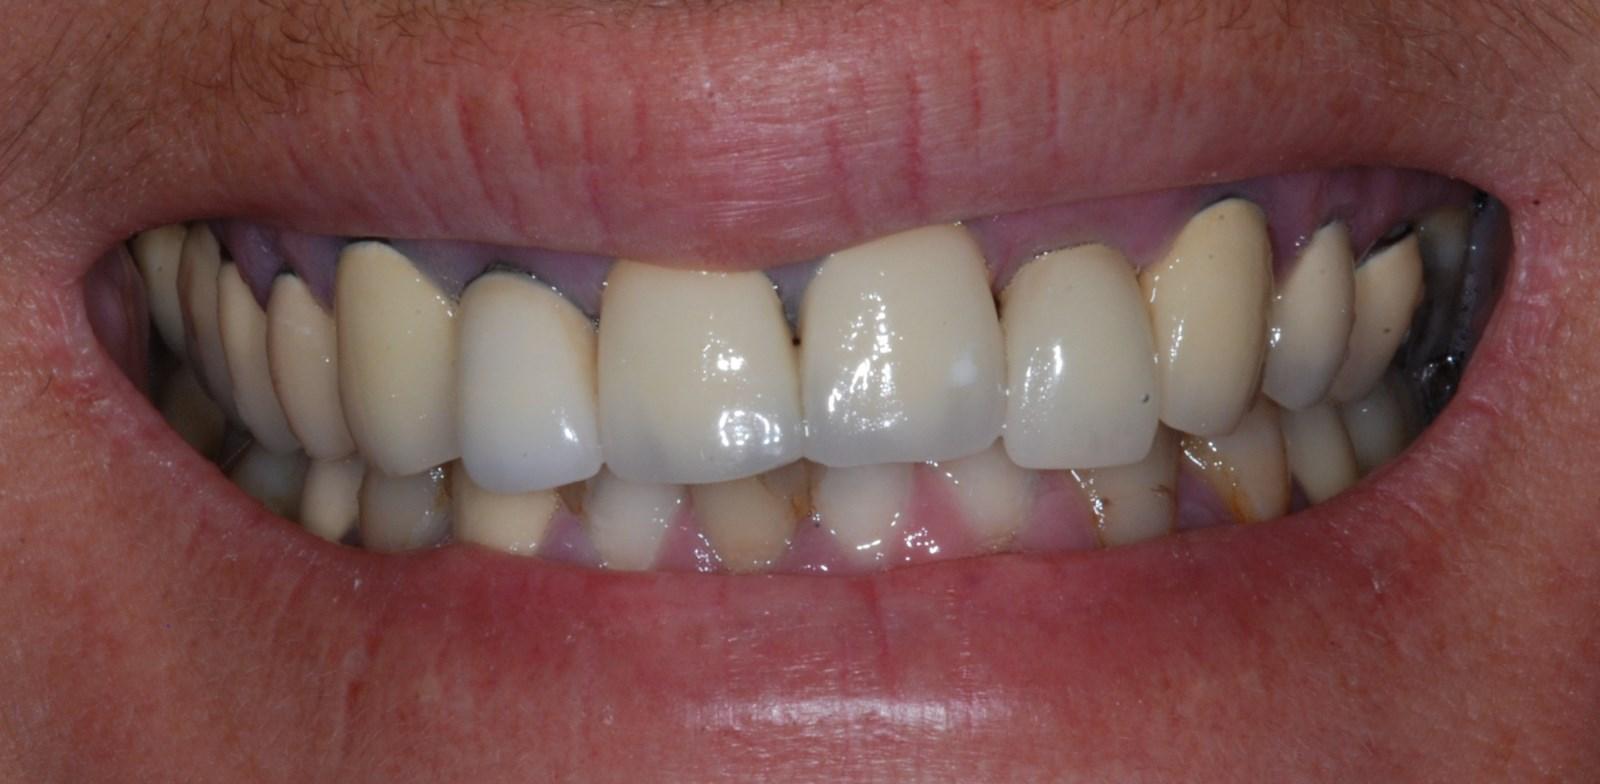 Bridge anterieur maxillaire surpressé…Parution 'Prothèse Dentaire Française' Mai/juin 2015 ( Dr Monleau J-d / Vitrolles)